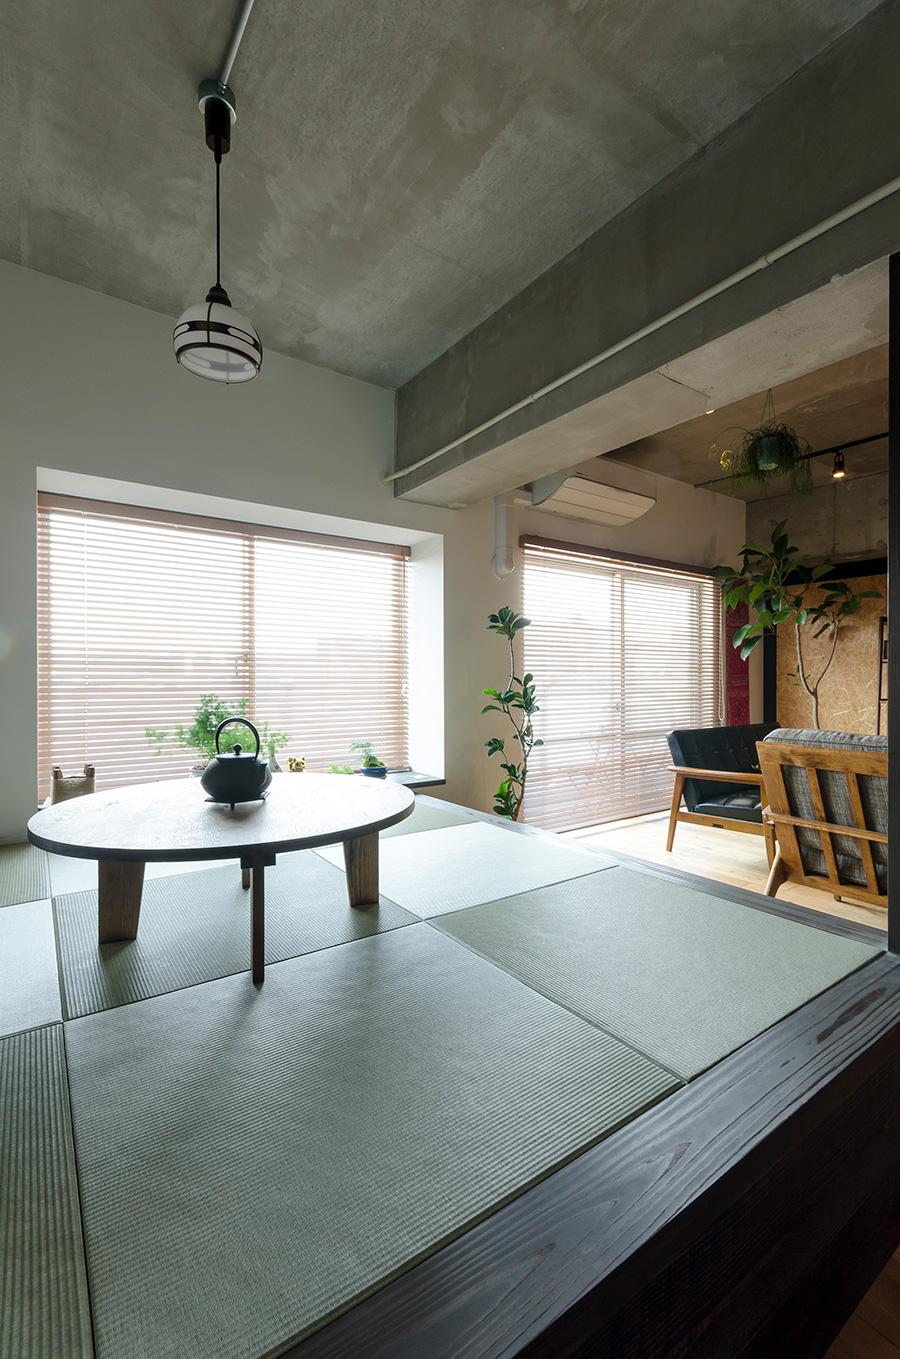 畳の下は収納スペースとして活用できる仕組み。